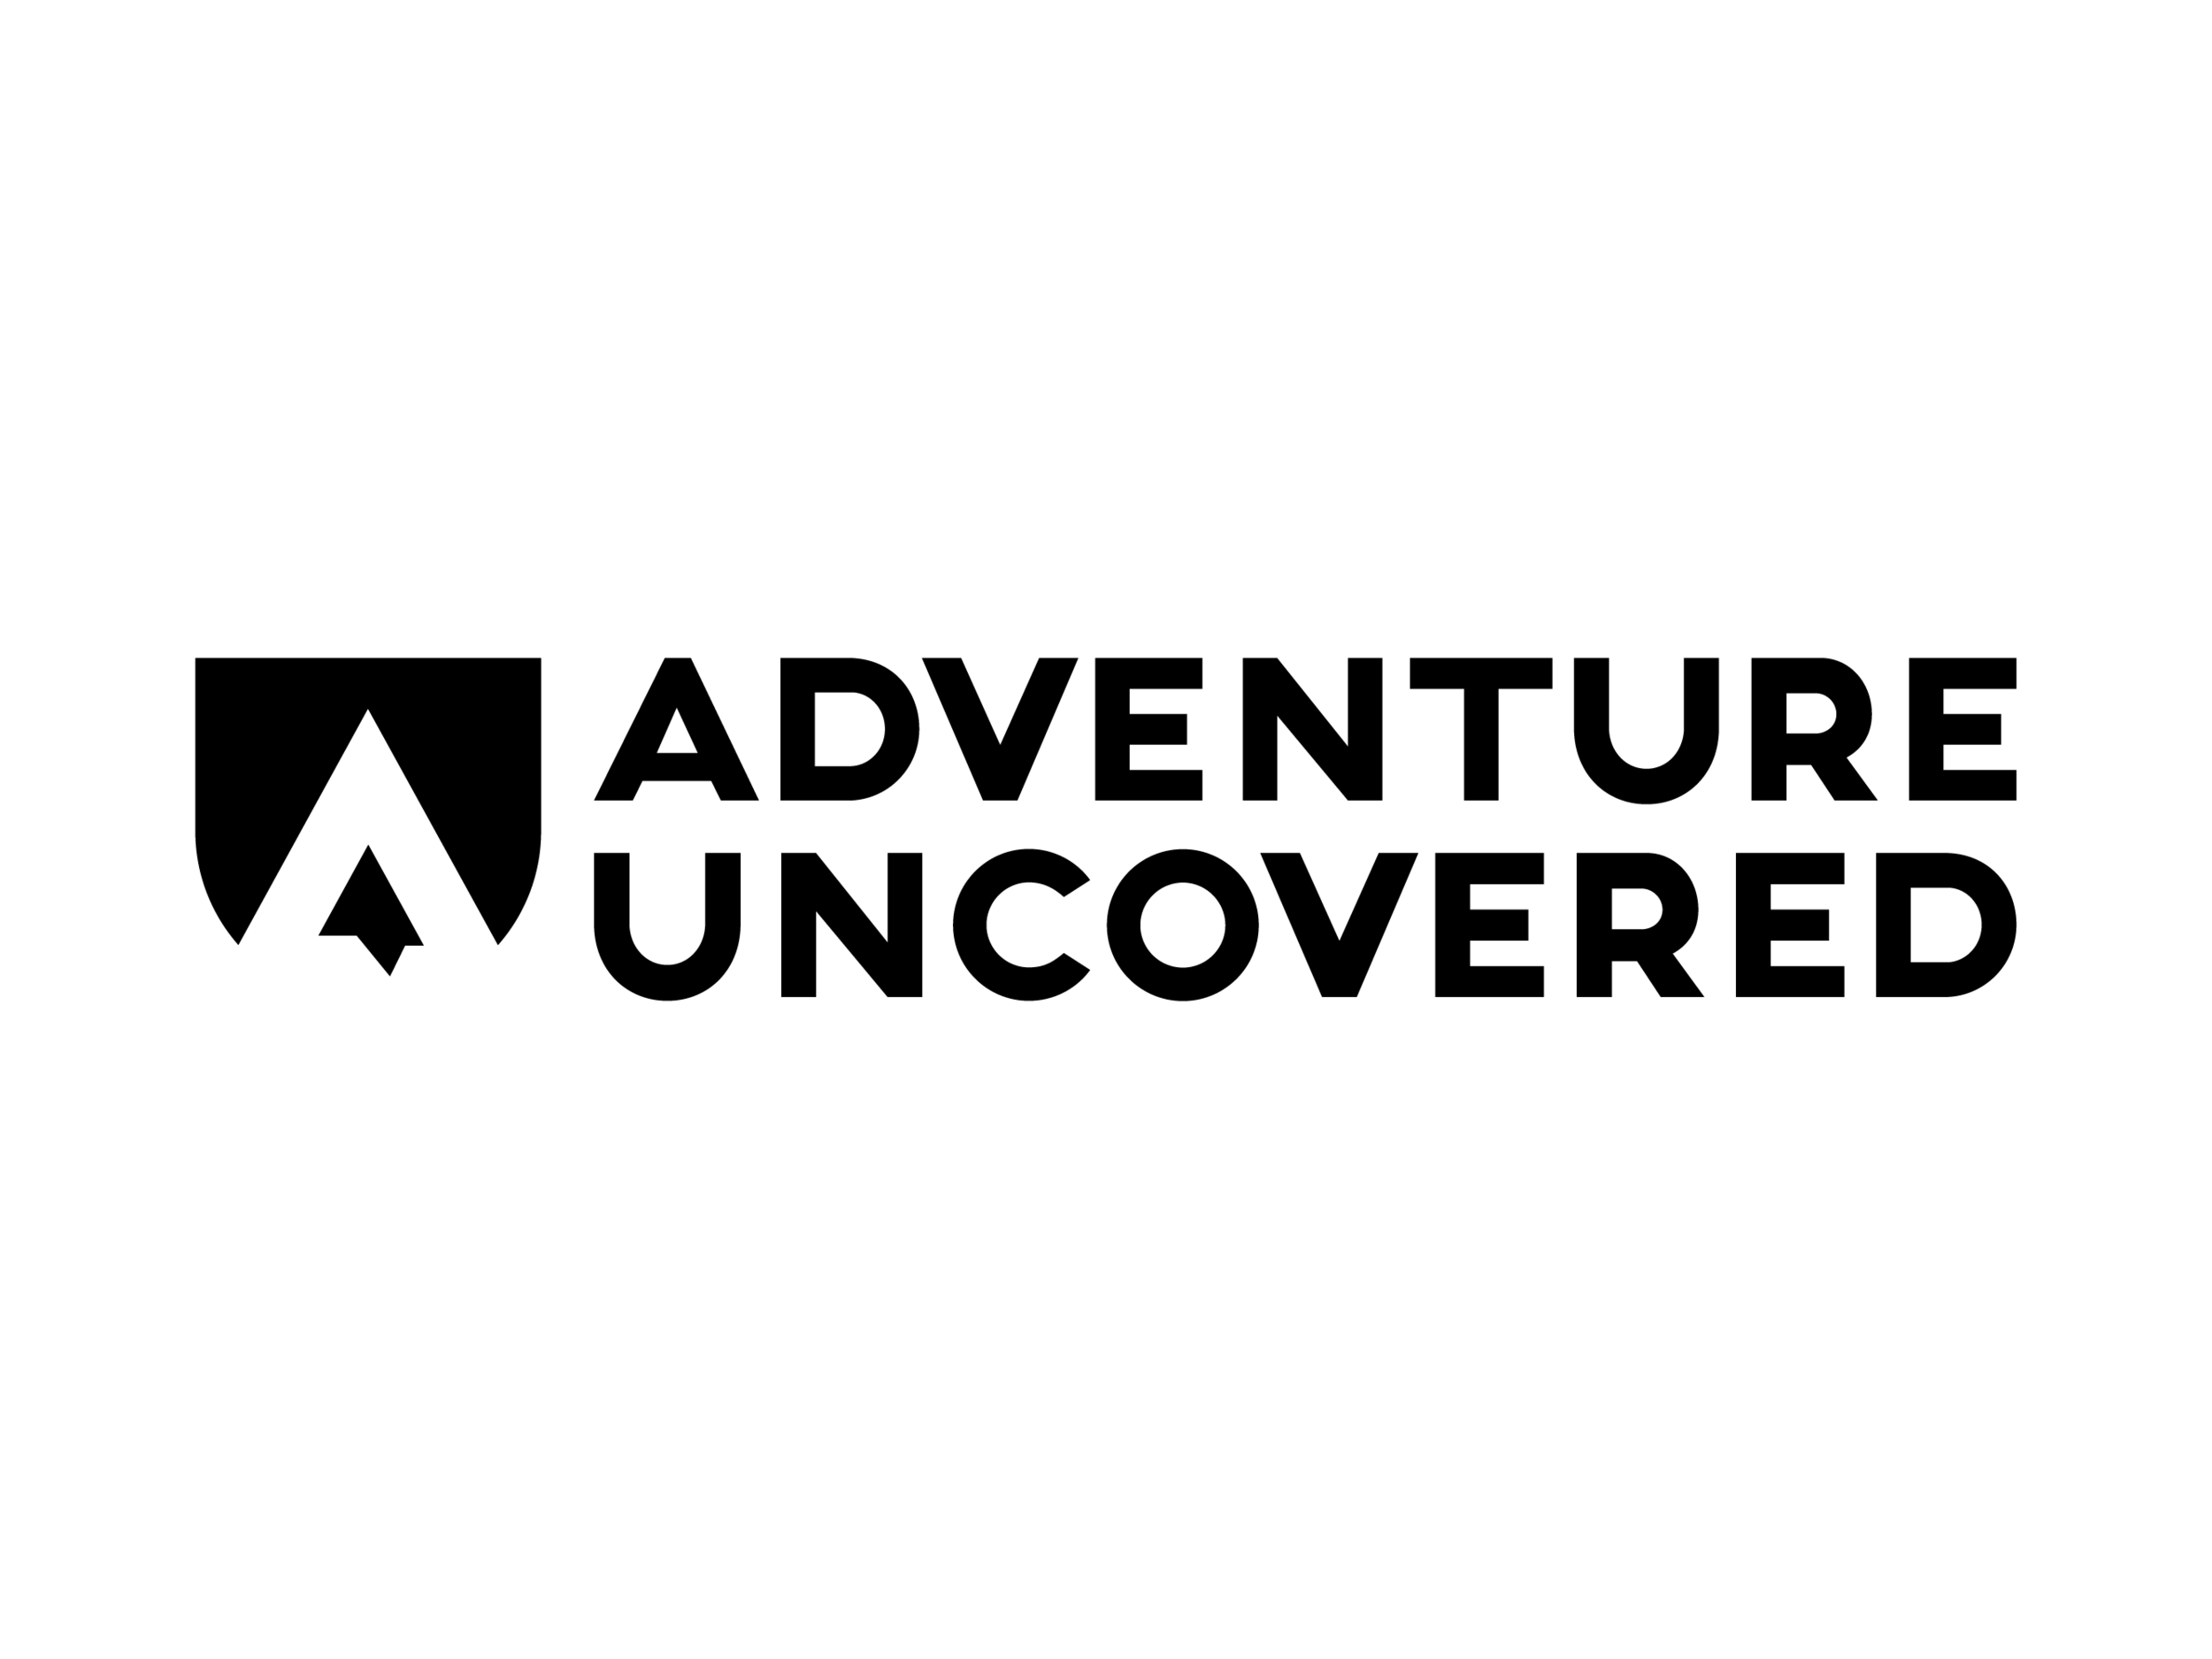 au-logo-full-04.png